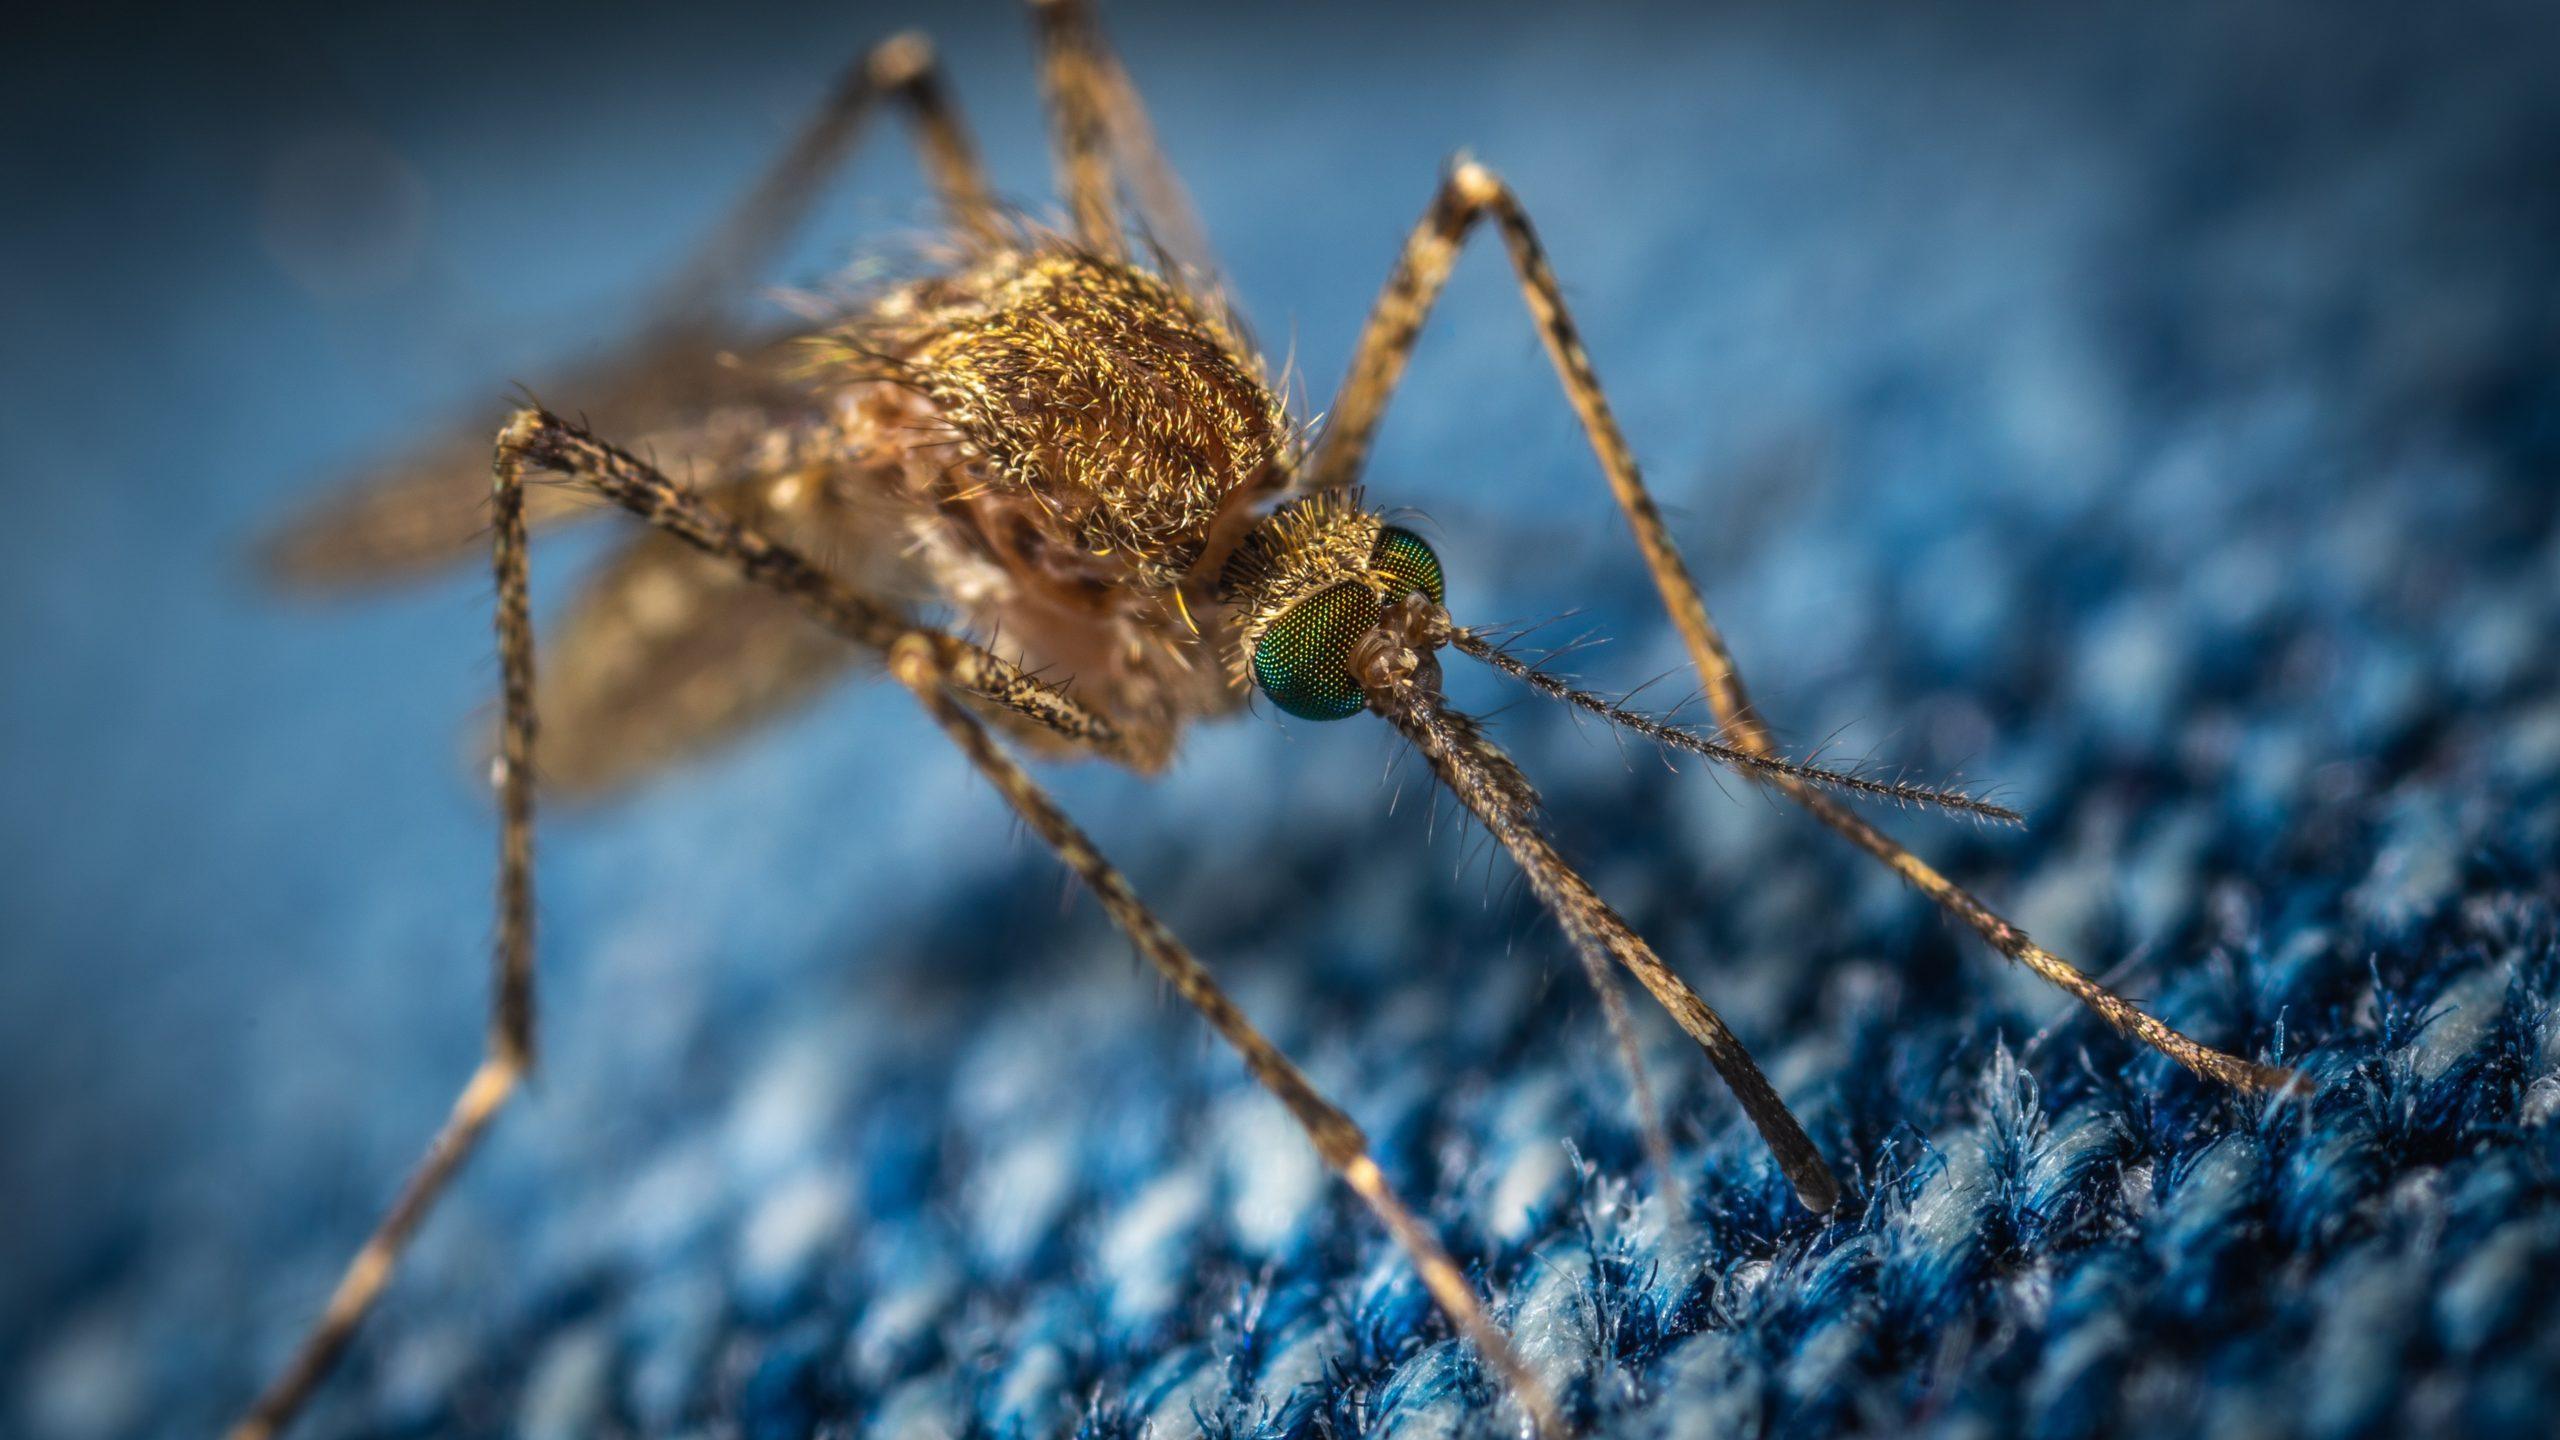 Atenție, bucureșteni - au fost depistați țânțari purtători ai virusului West Nile în Capitală. În ce zone se află aceștia